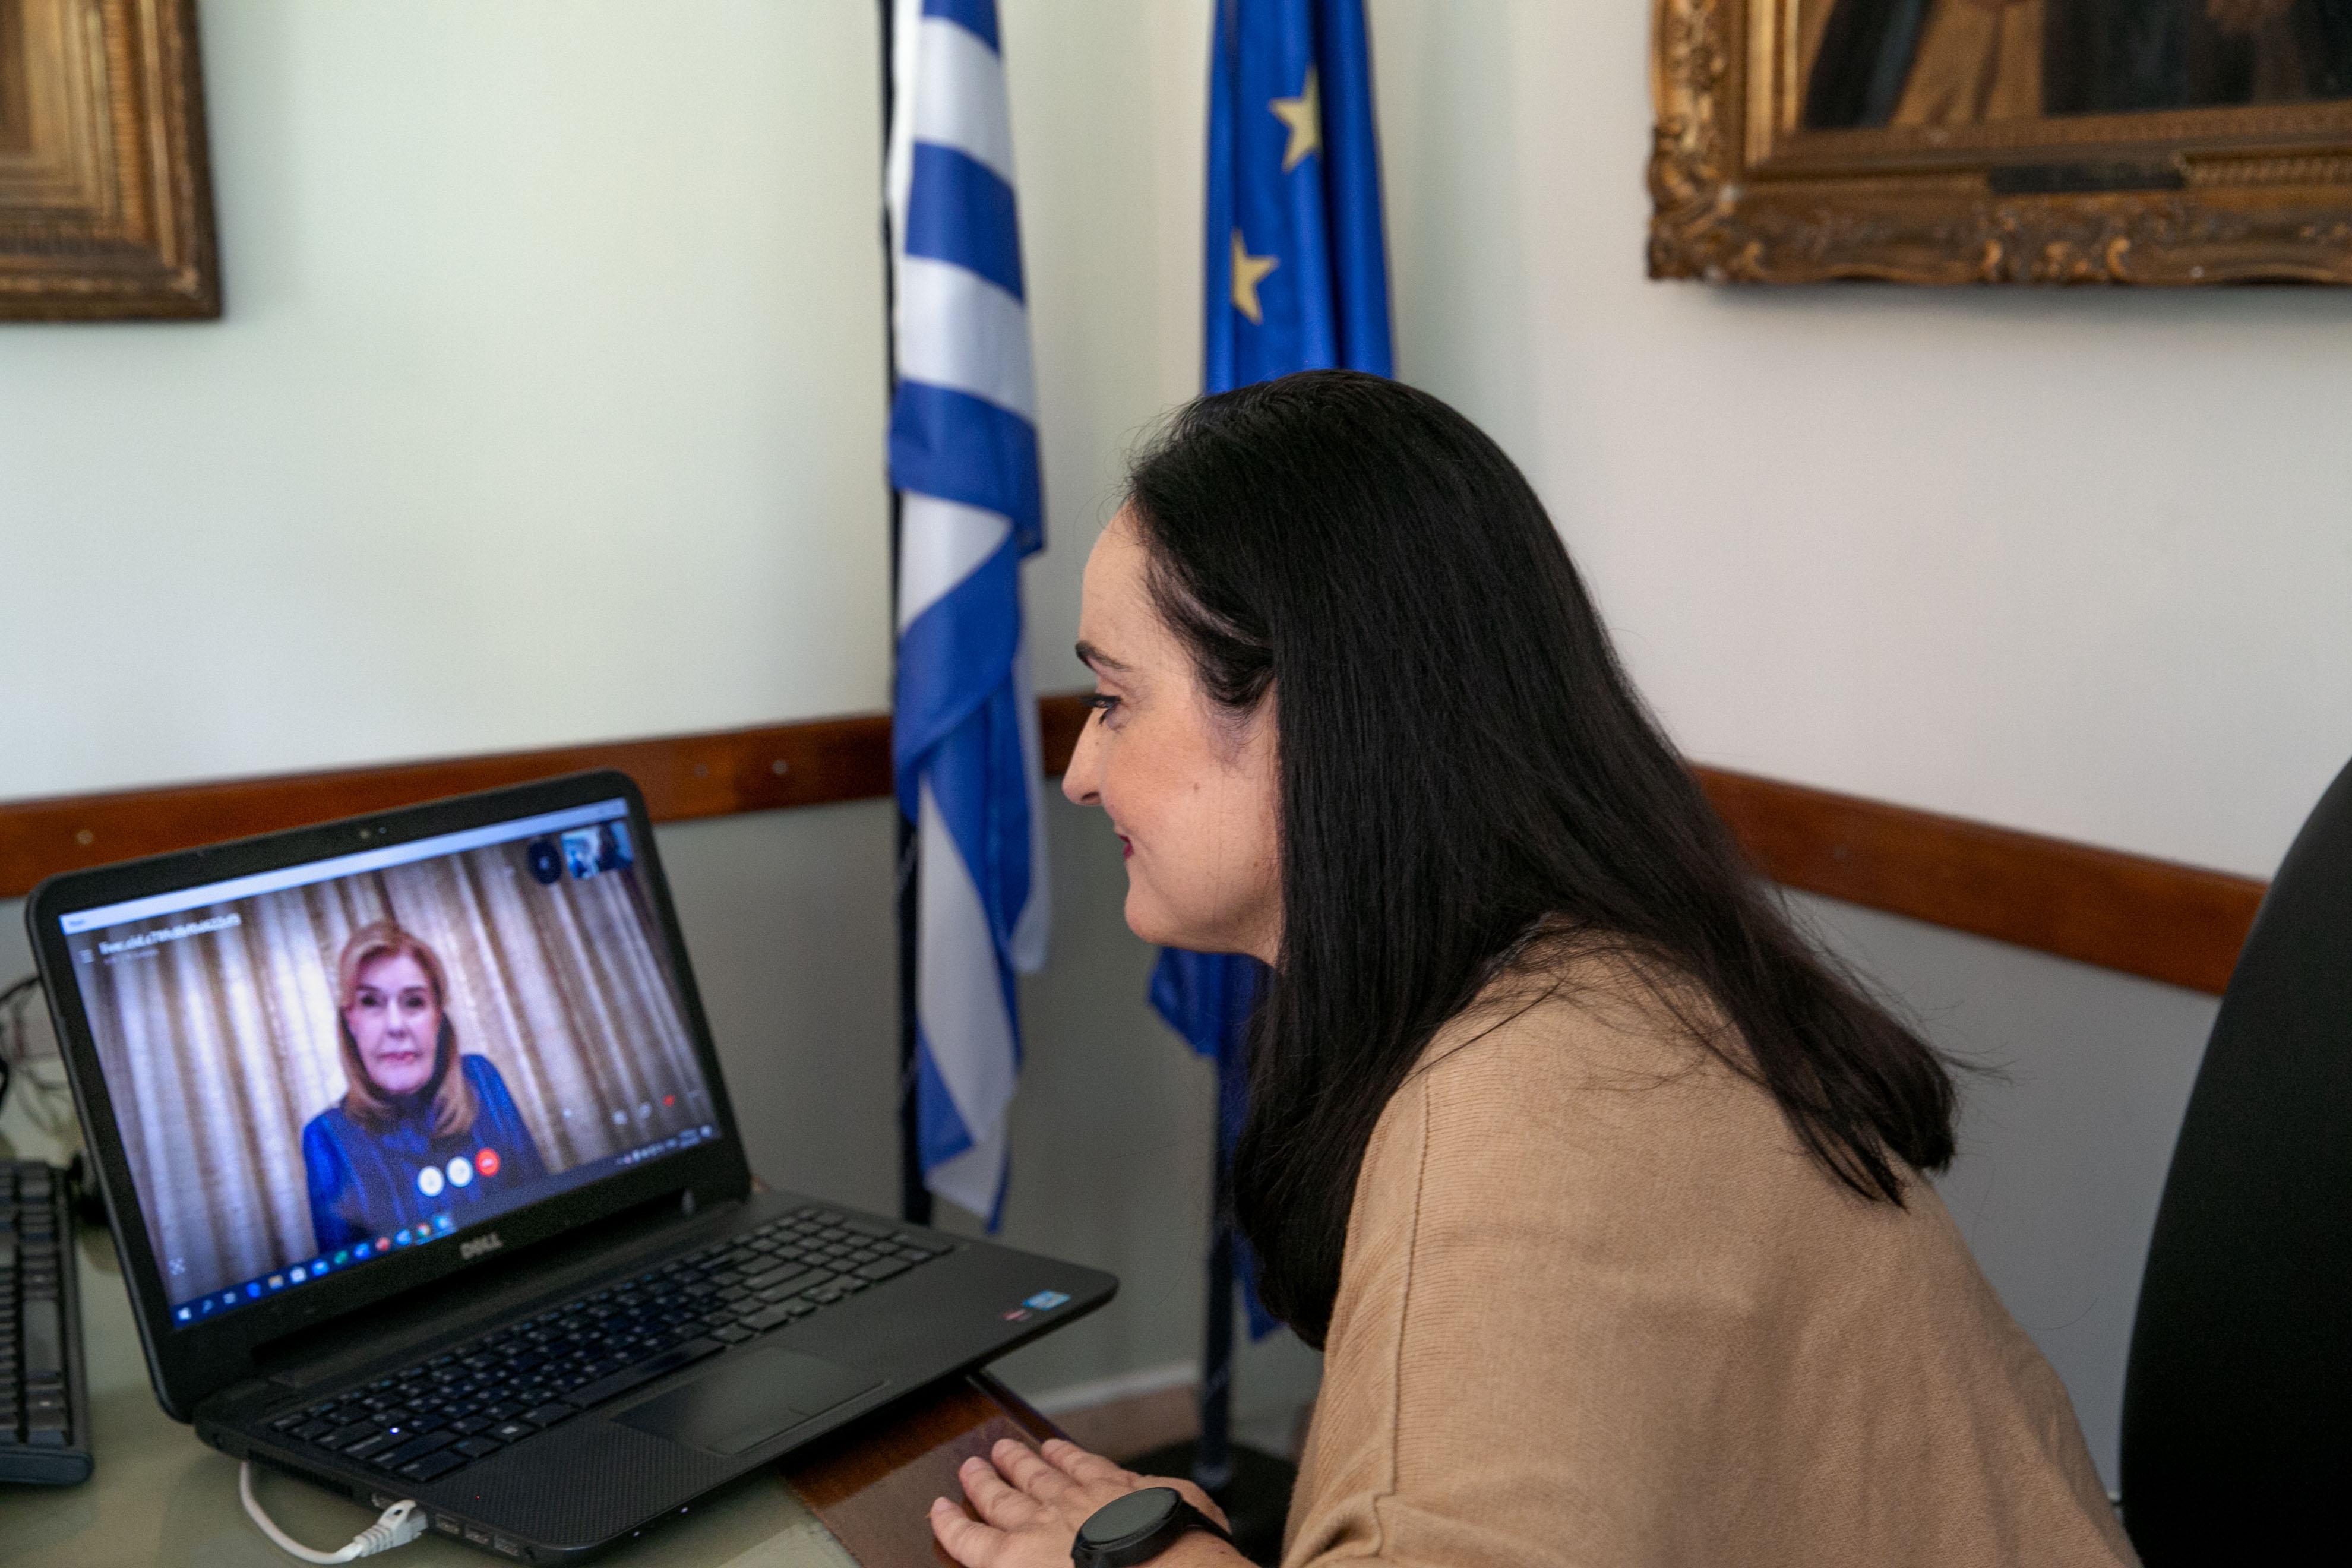 Η Πρόεδρος του Ιδρύματος Γεωργίου και Αικατερίνης Χατζηκώνστα - Εκπαιδευτικής Μέριμνας Νέων κυρία Μαργαρίτα Παναγιωτοπούλου  κατά τη διάρκεια του skype